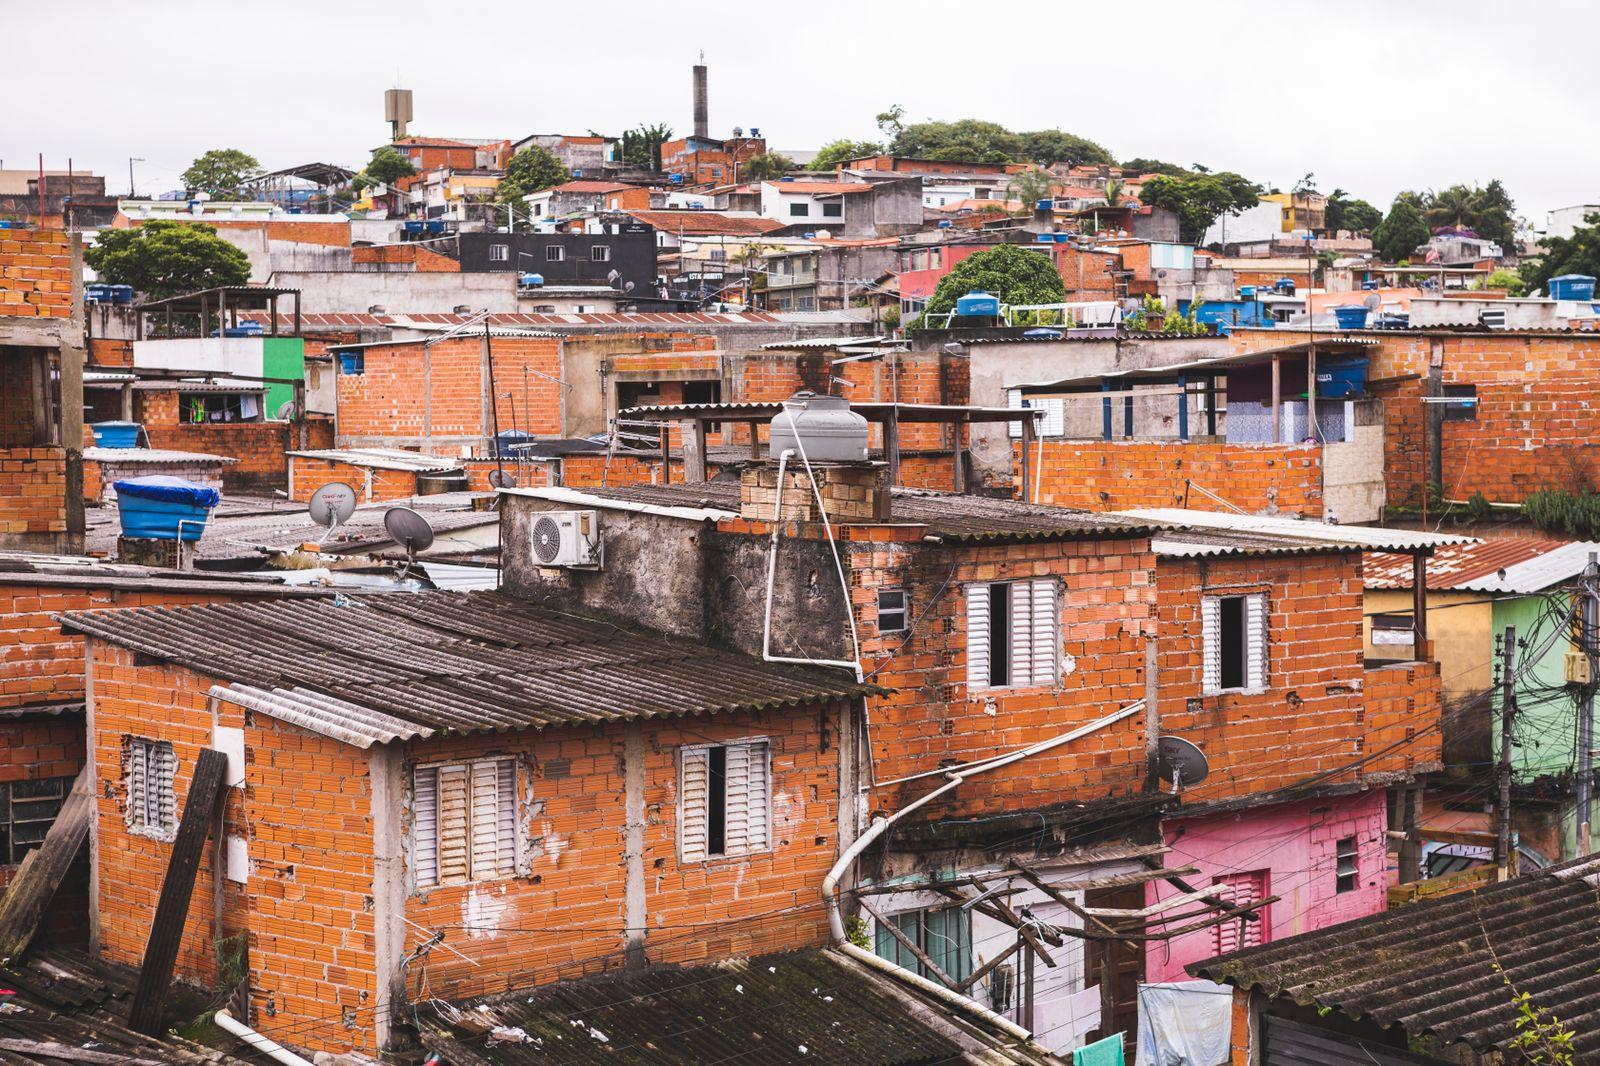 Gerdau investe R$ 40 milhões em projeto de reforma de casas de famílias em vulnerabilidade social